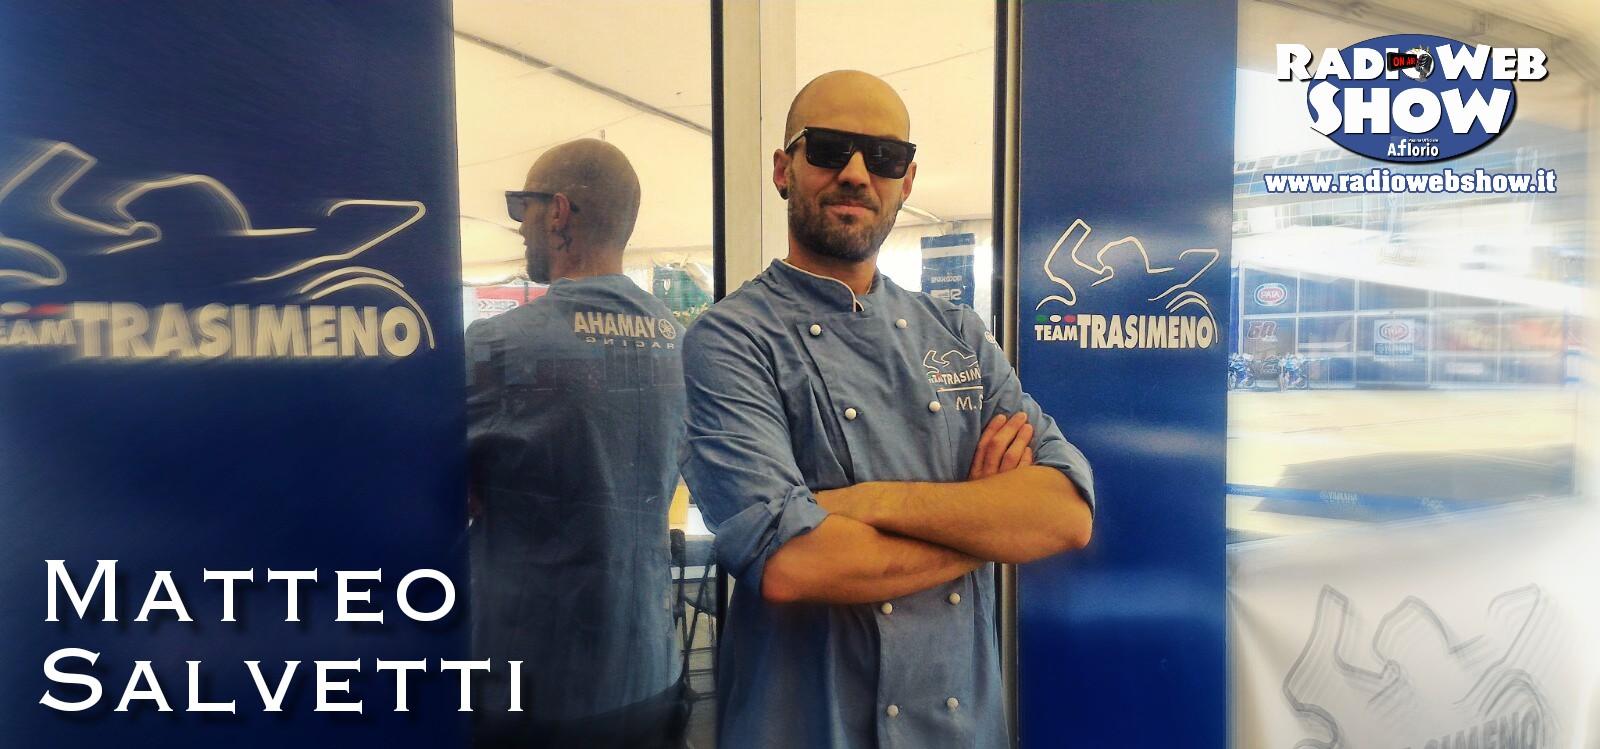 Matteo Salvetti lo chef amico di RadioWebShow